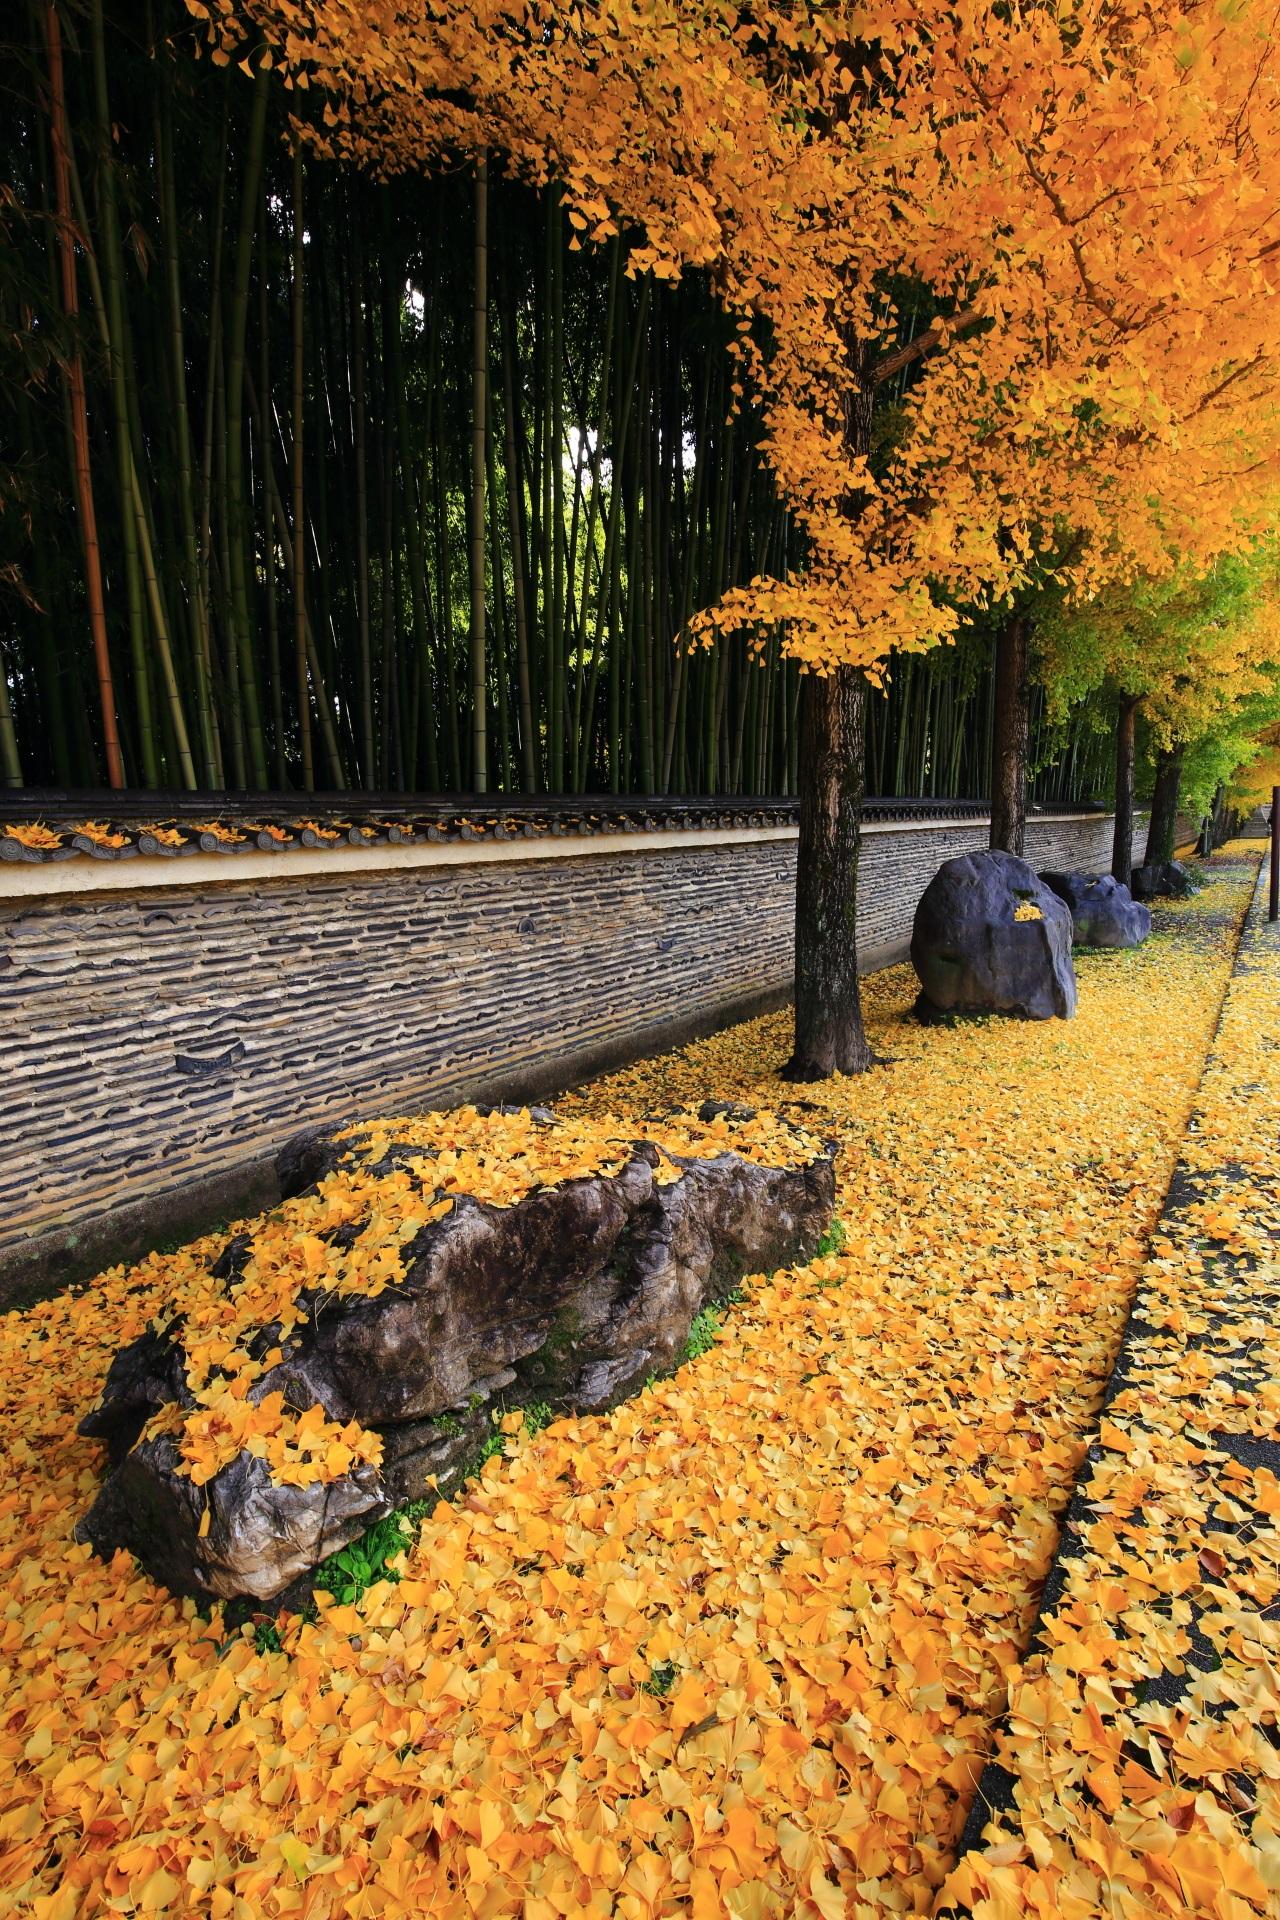 今宮神社の散り銀杏の黄色い絨毯